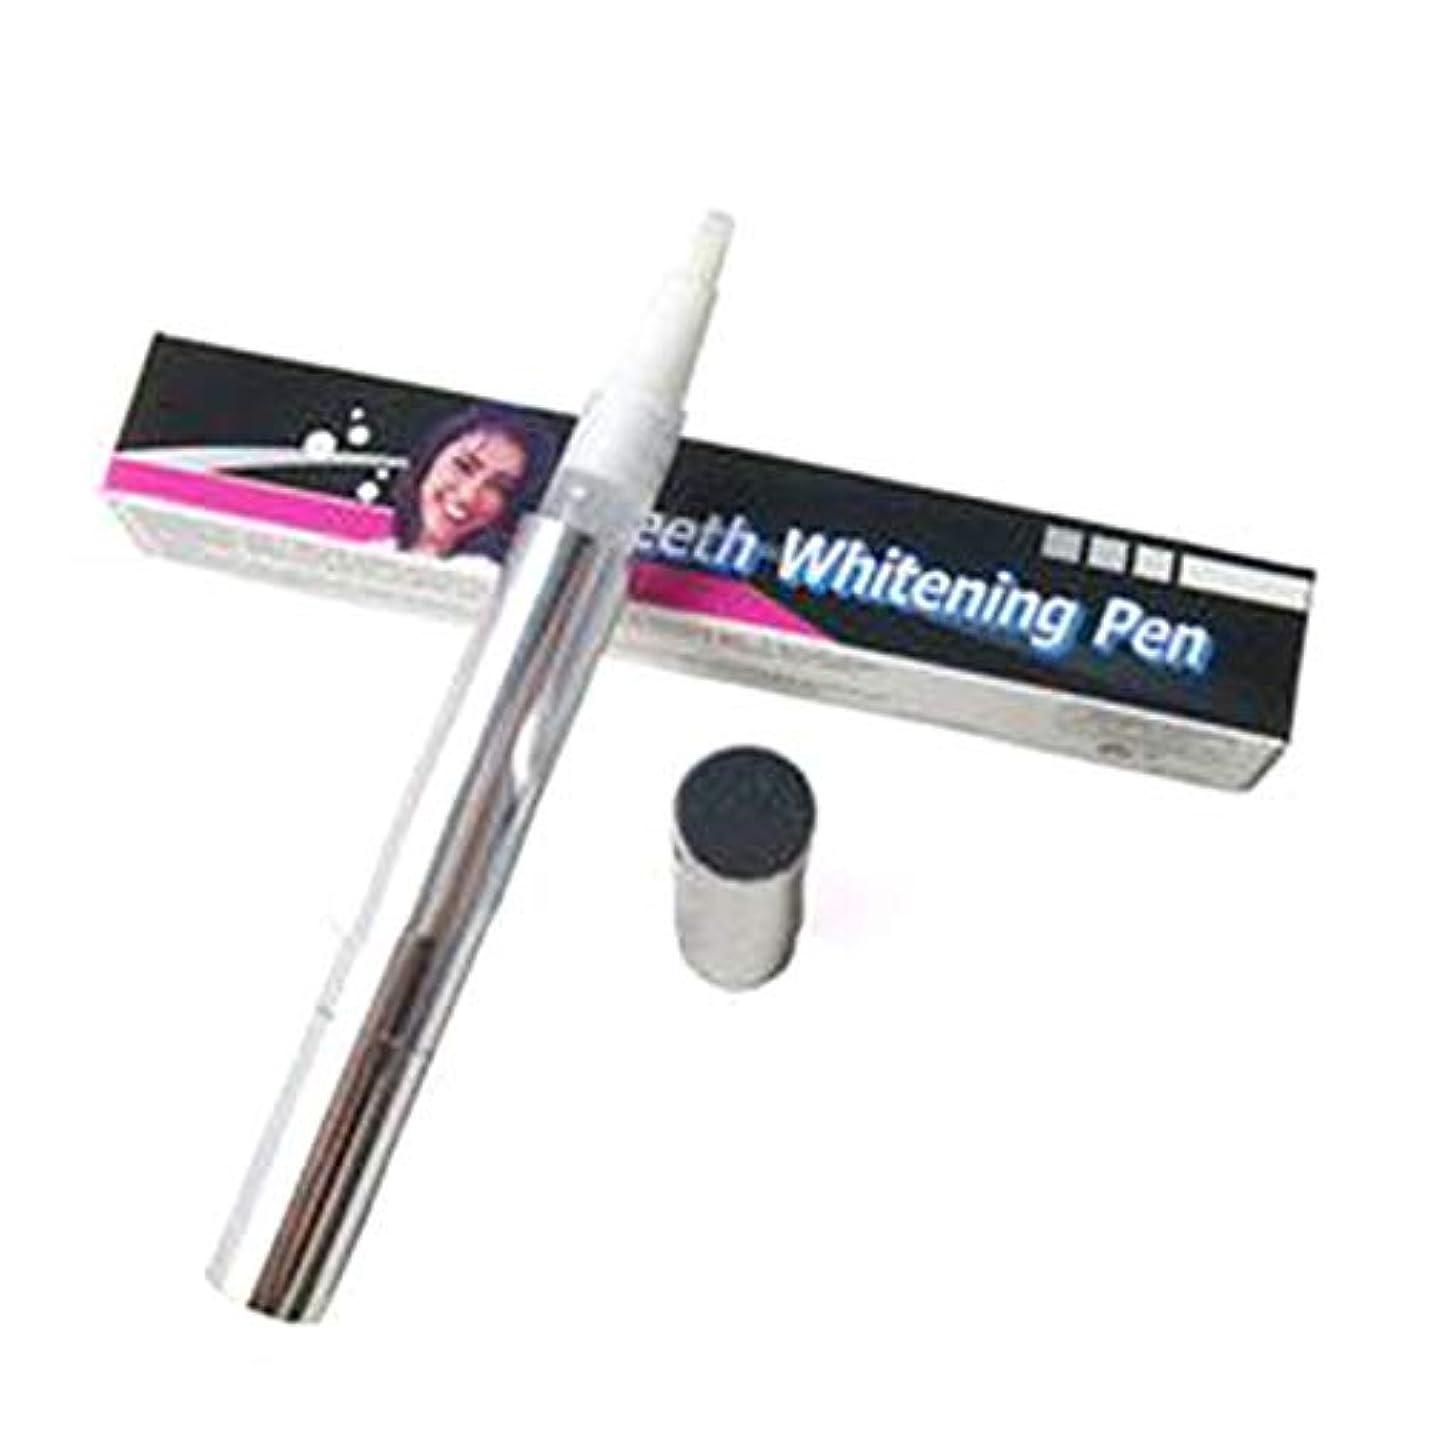 リレー死傷者発音ペンホワイトニングペン強力な汚れ消しゴム除去速い漂白歯ジェルホワイトナー歯科口腔衛生用品 - シルバー